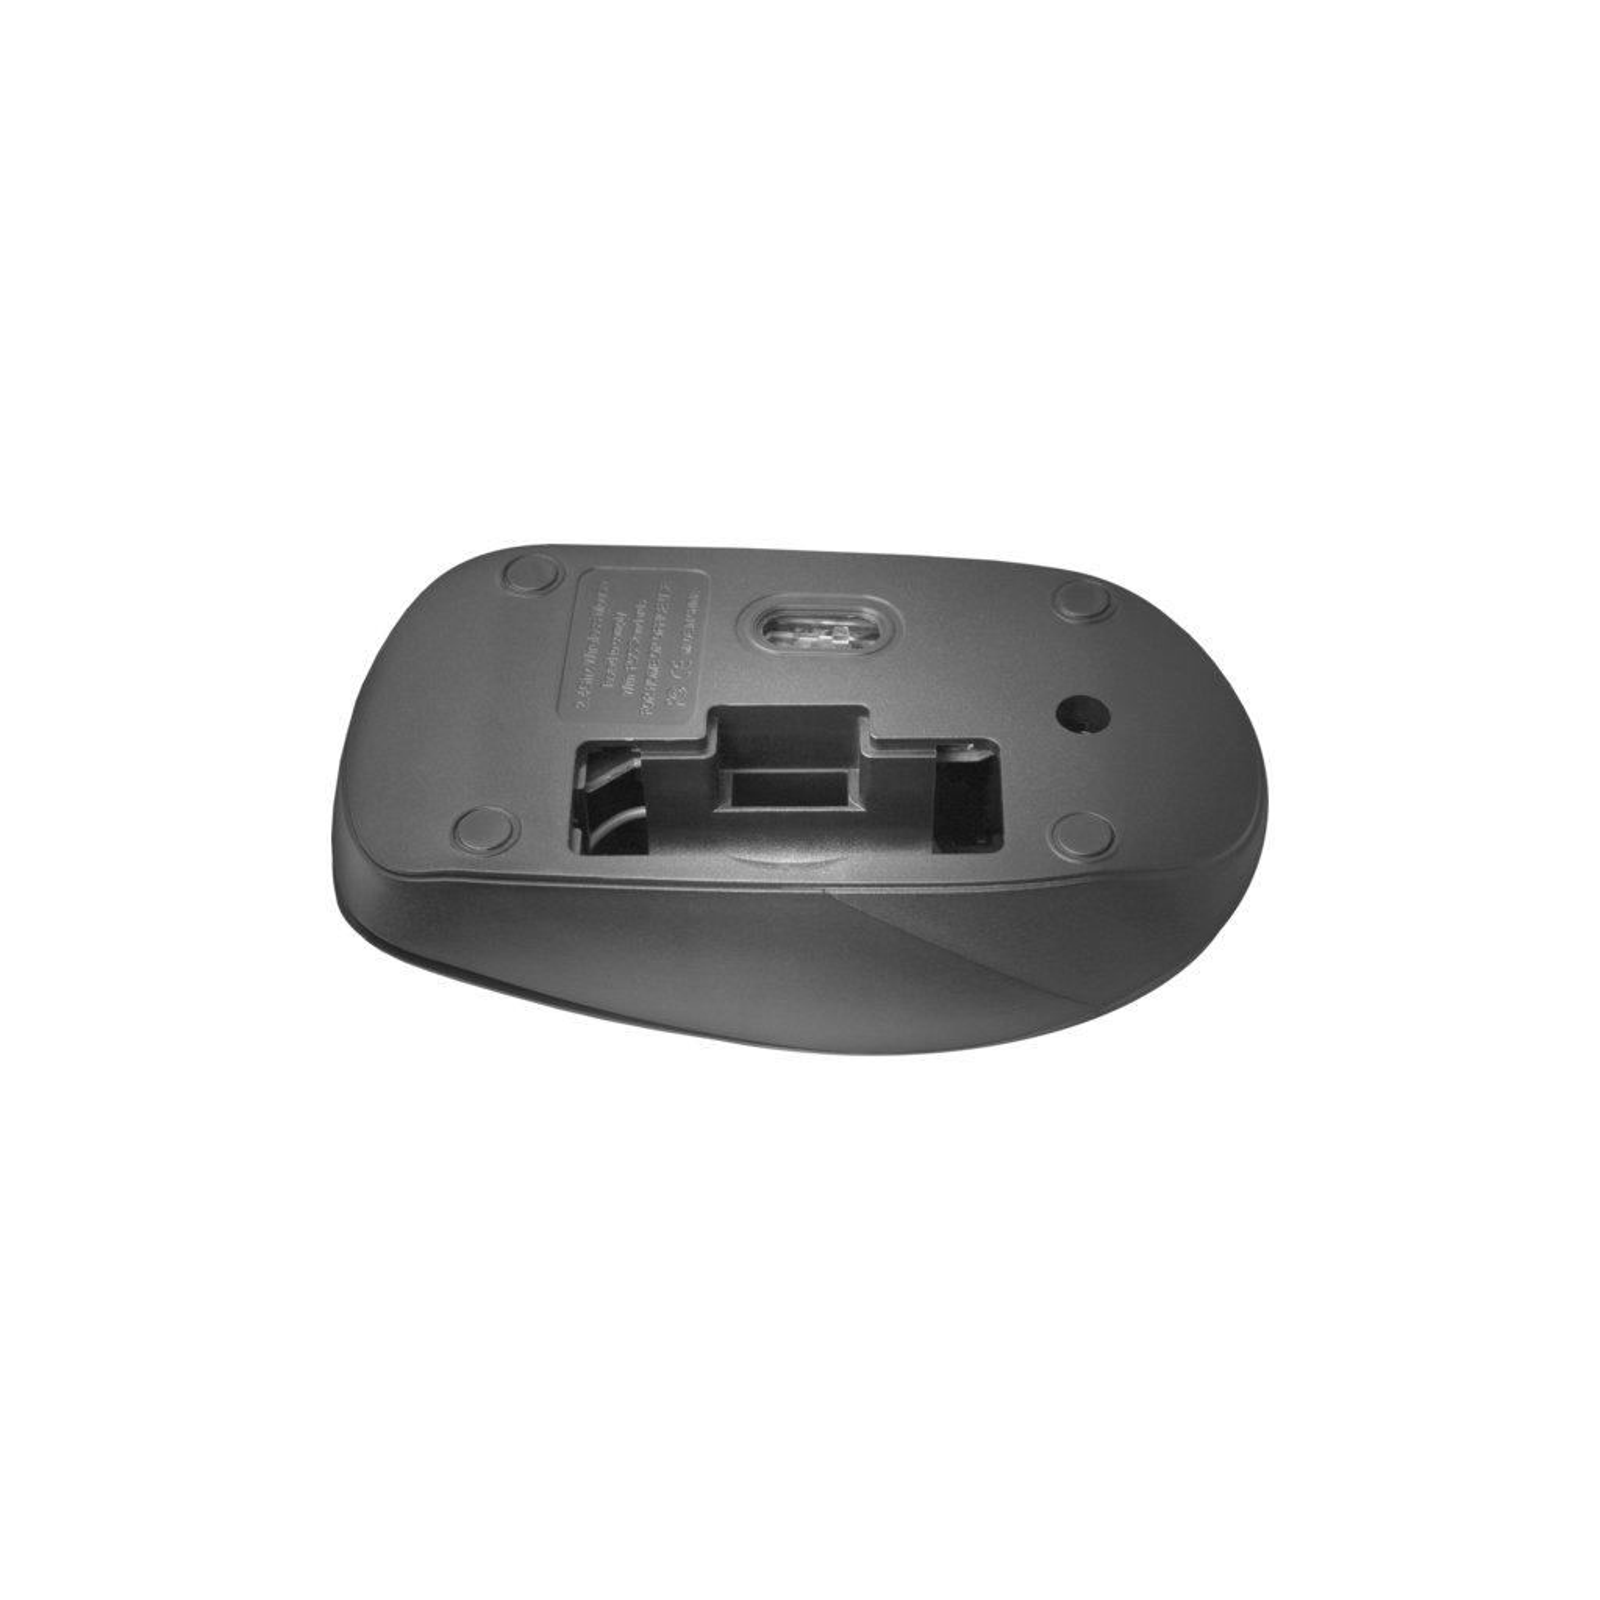 Мышка Defender ISA-135 Black (52435) изображение 4